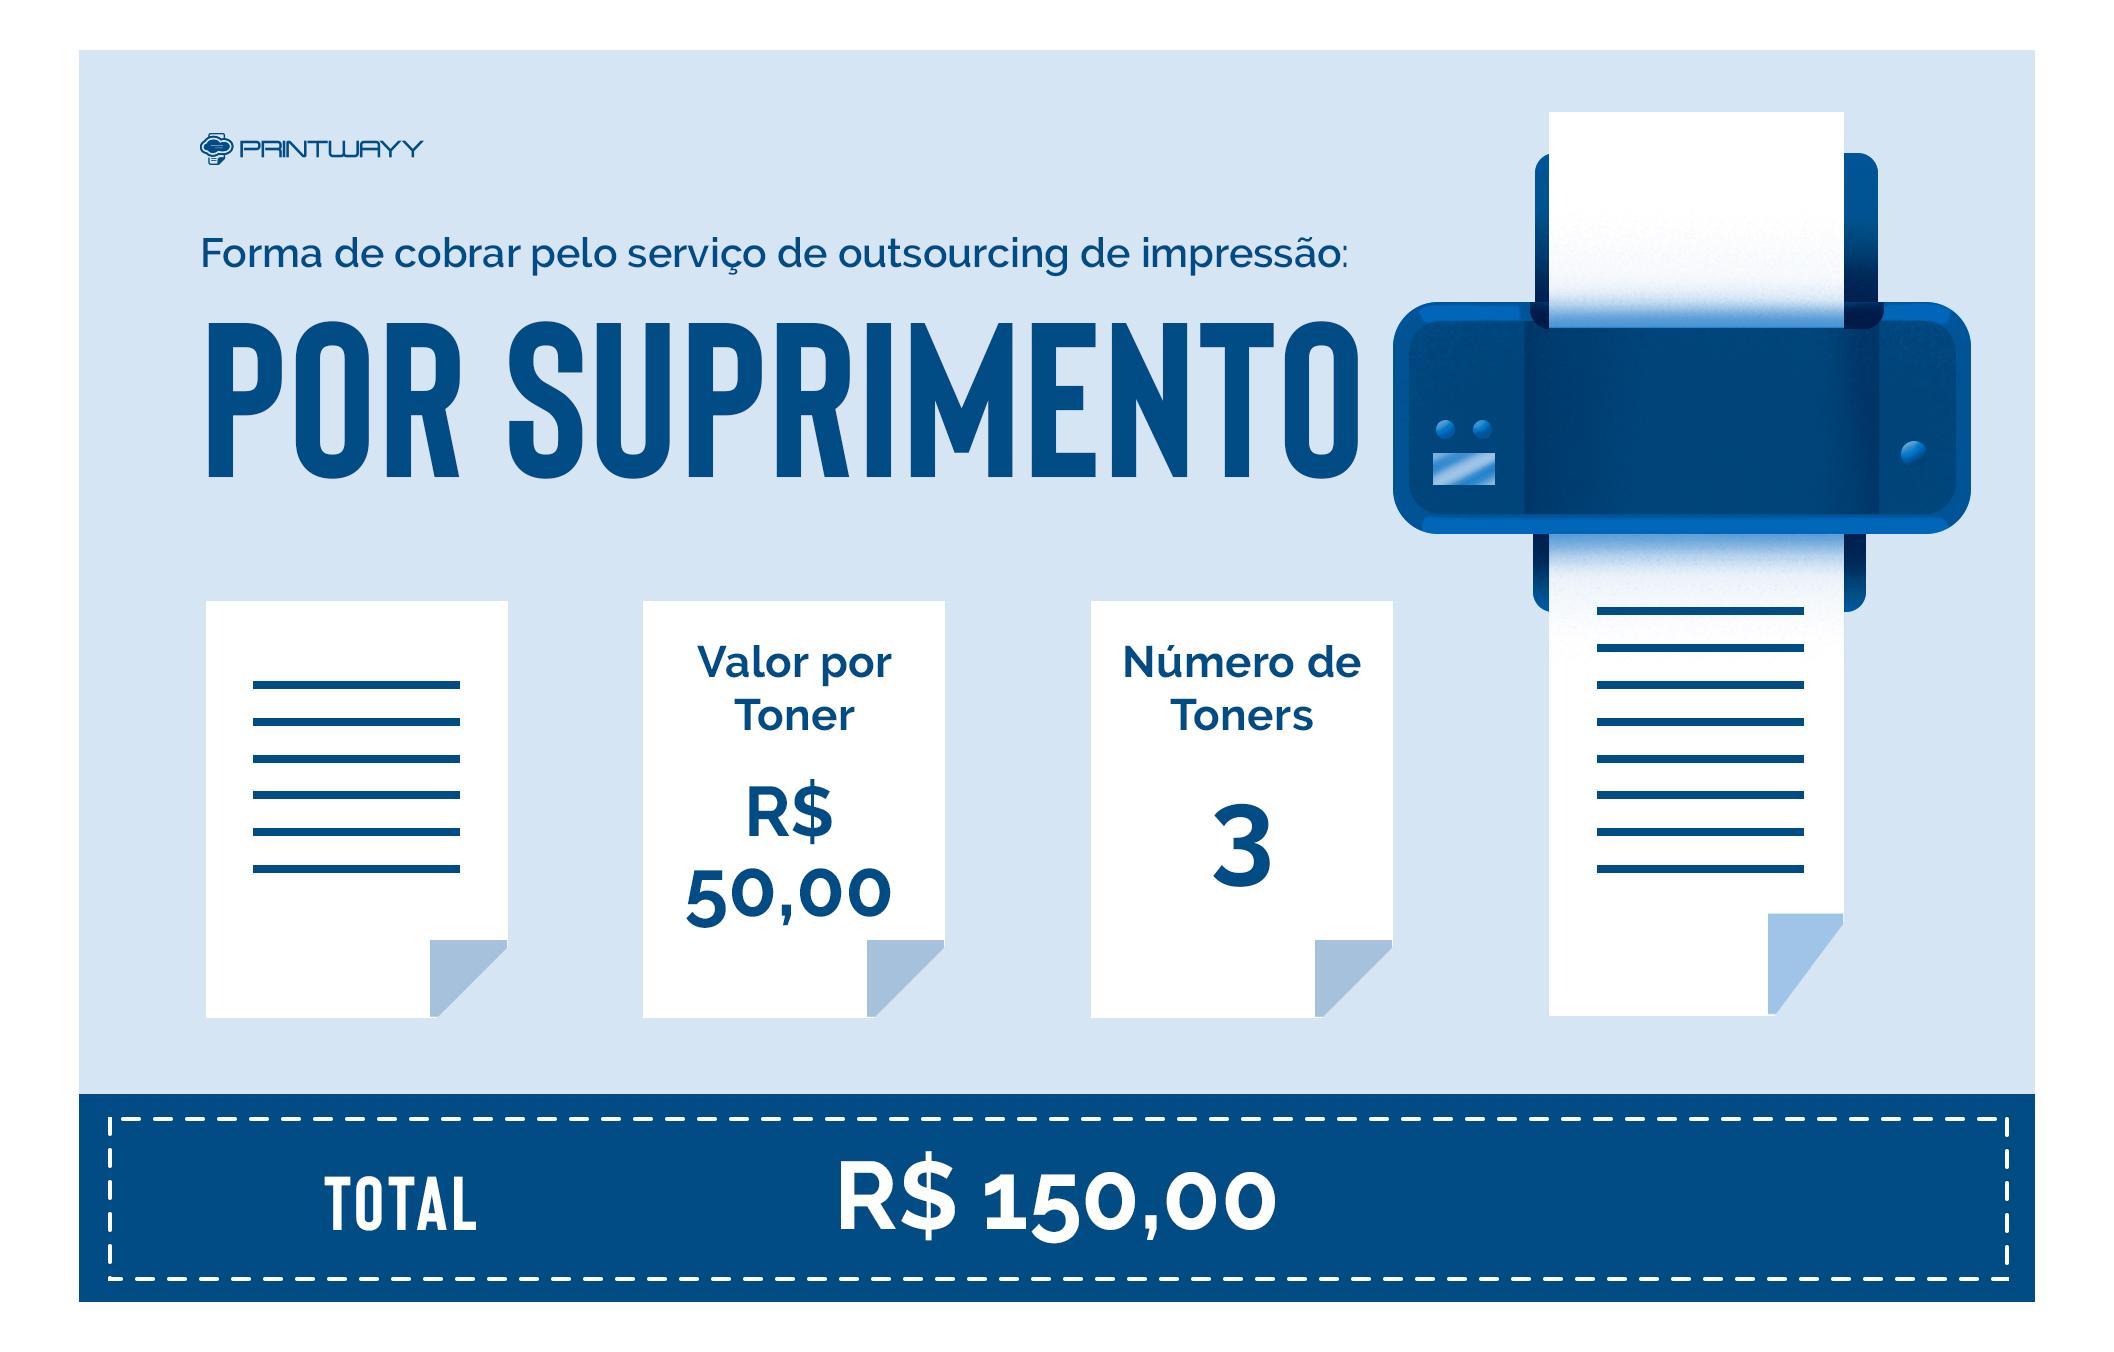 Infográfico da Forma de cobrar pelo serviço de outsourcing de impressão - por suprimento.